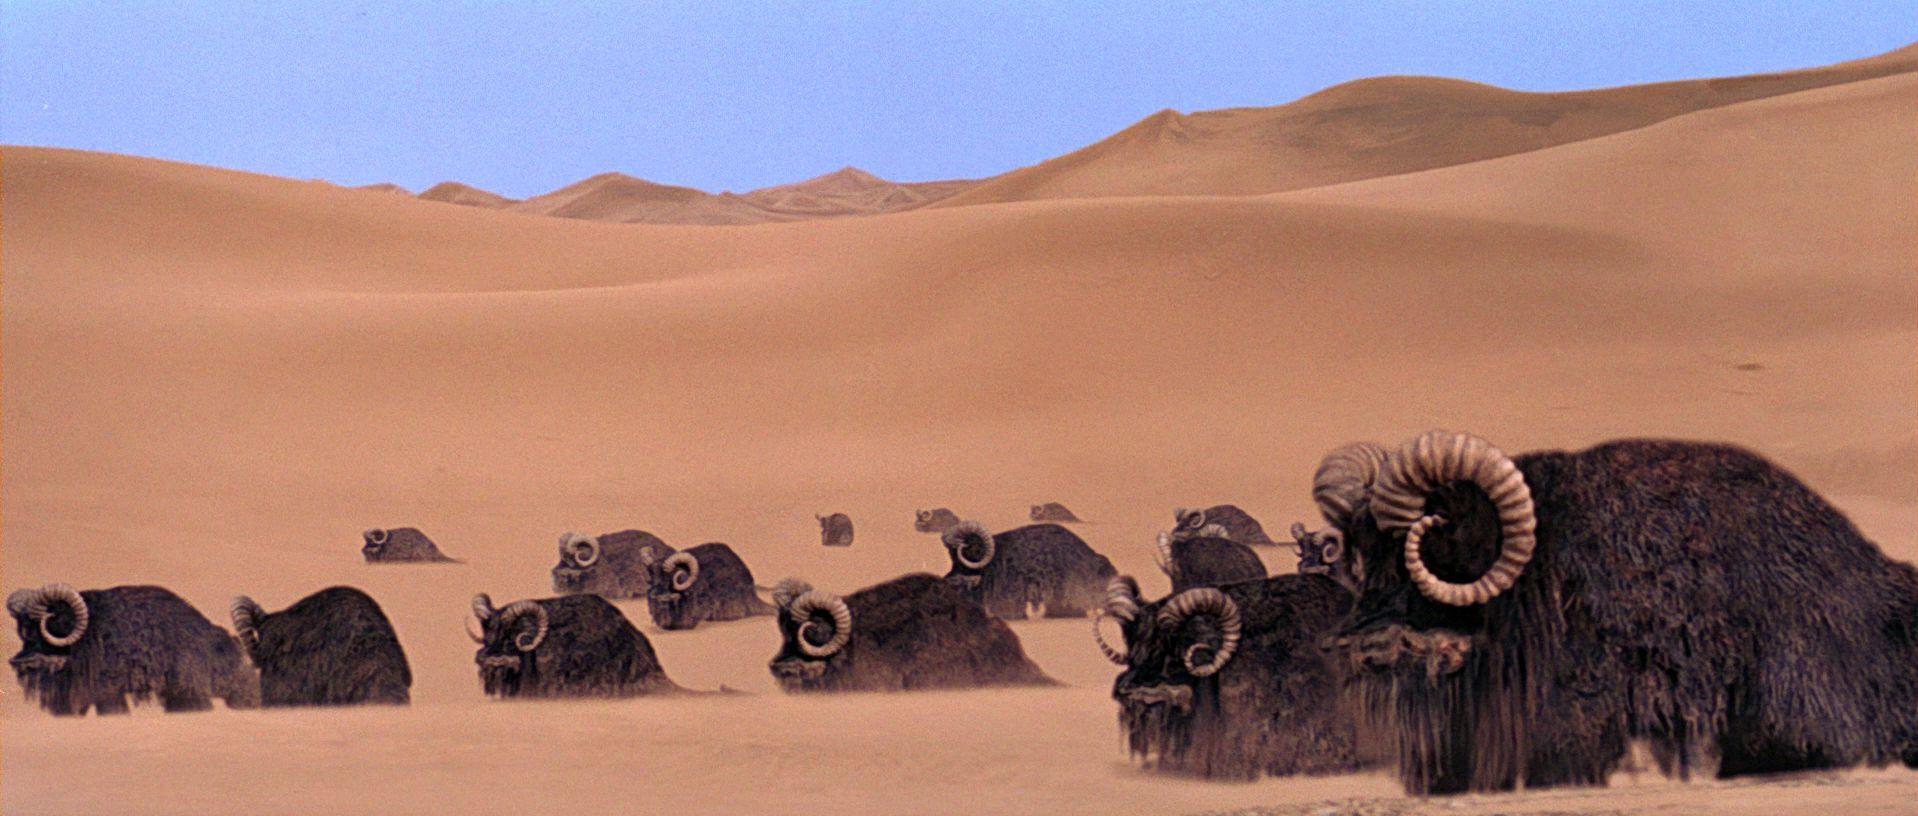 3456 - ¿Cuánto sabes de las criaturas de Star Wars?